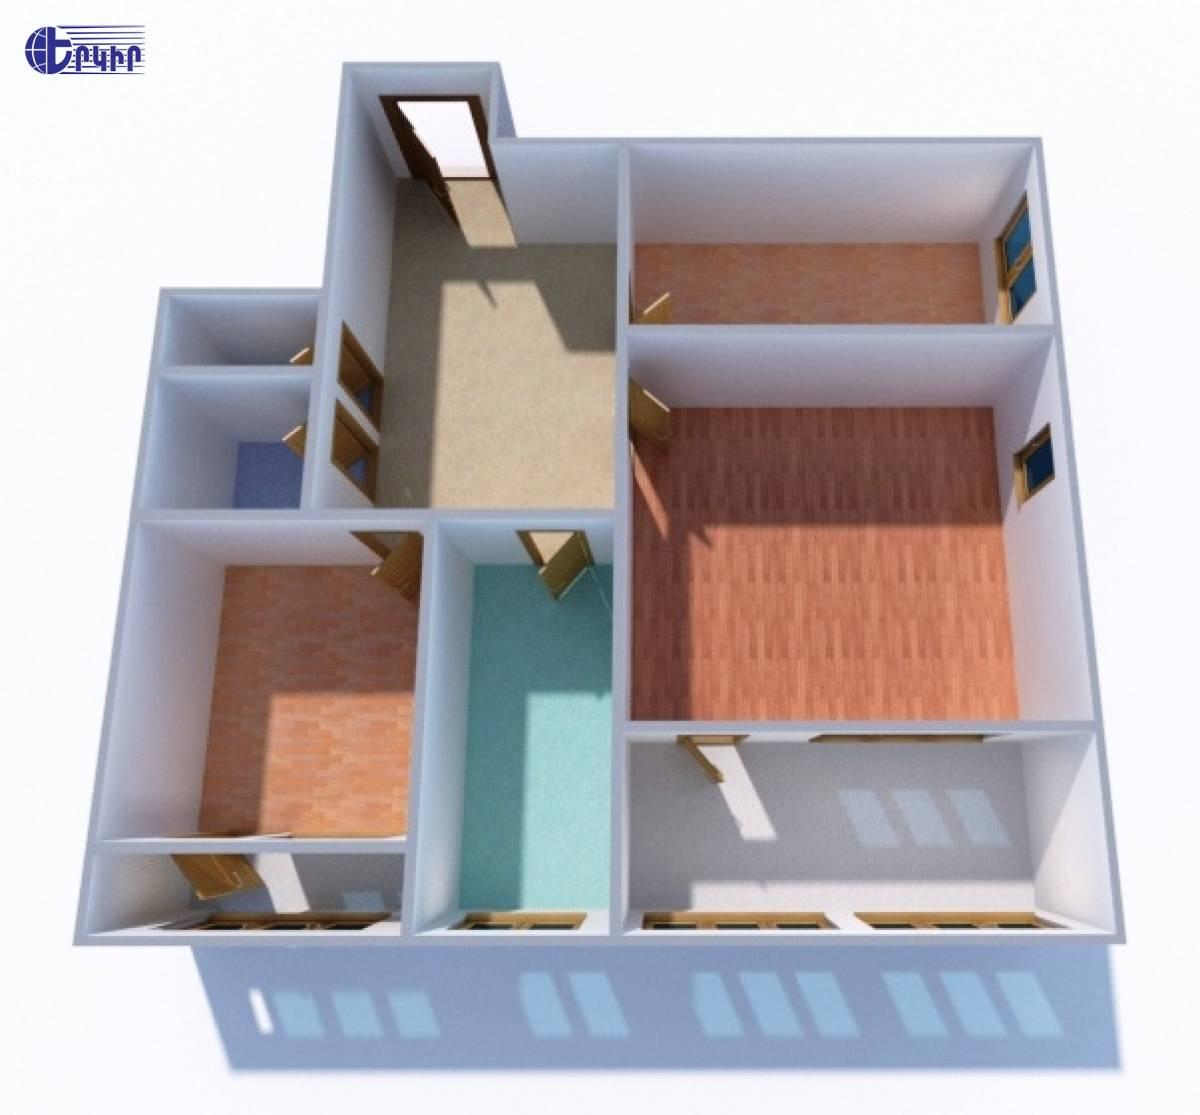 apartment-63809